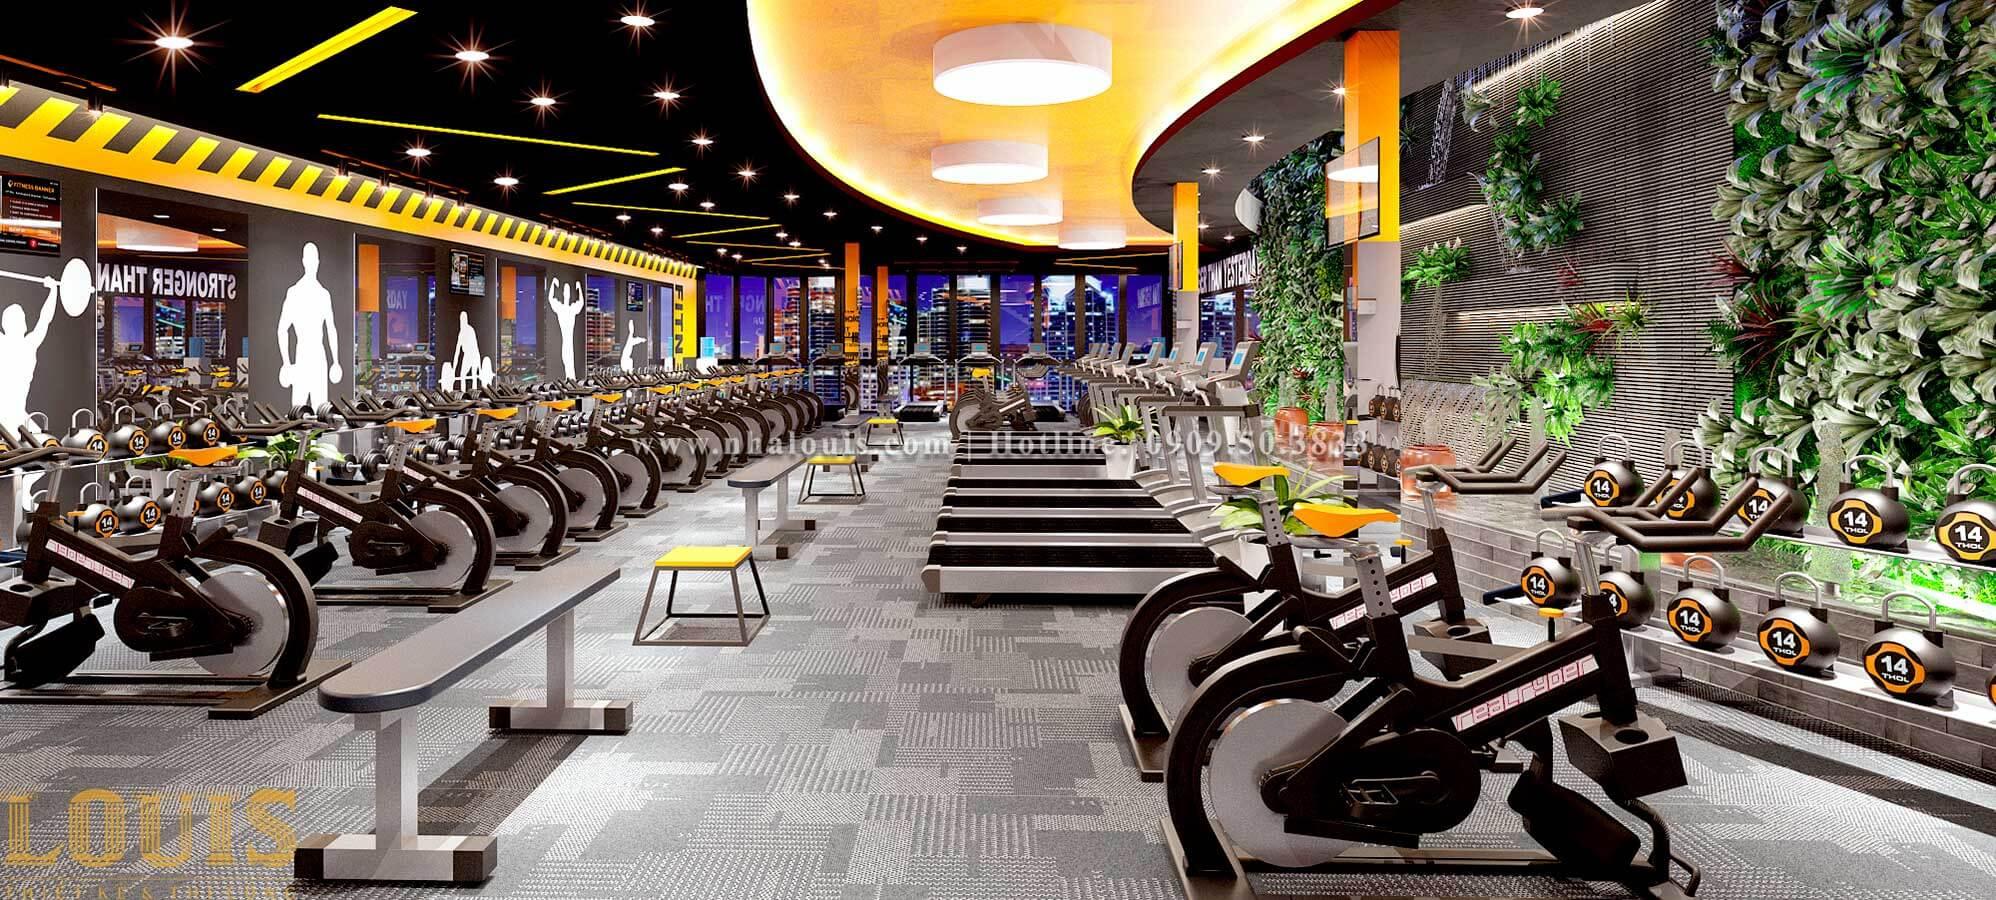 Nguyên tắc thiết kế phòng gym hiện đại thu lợi nhuận cao